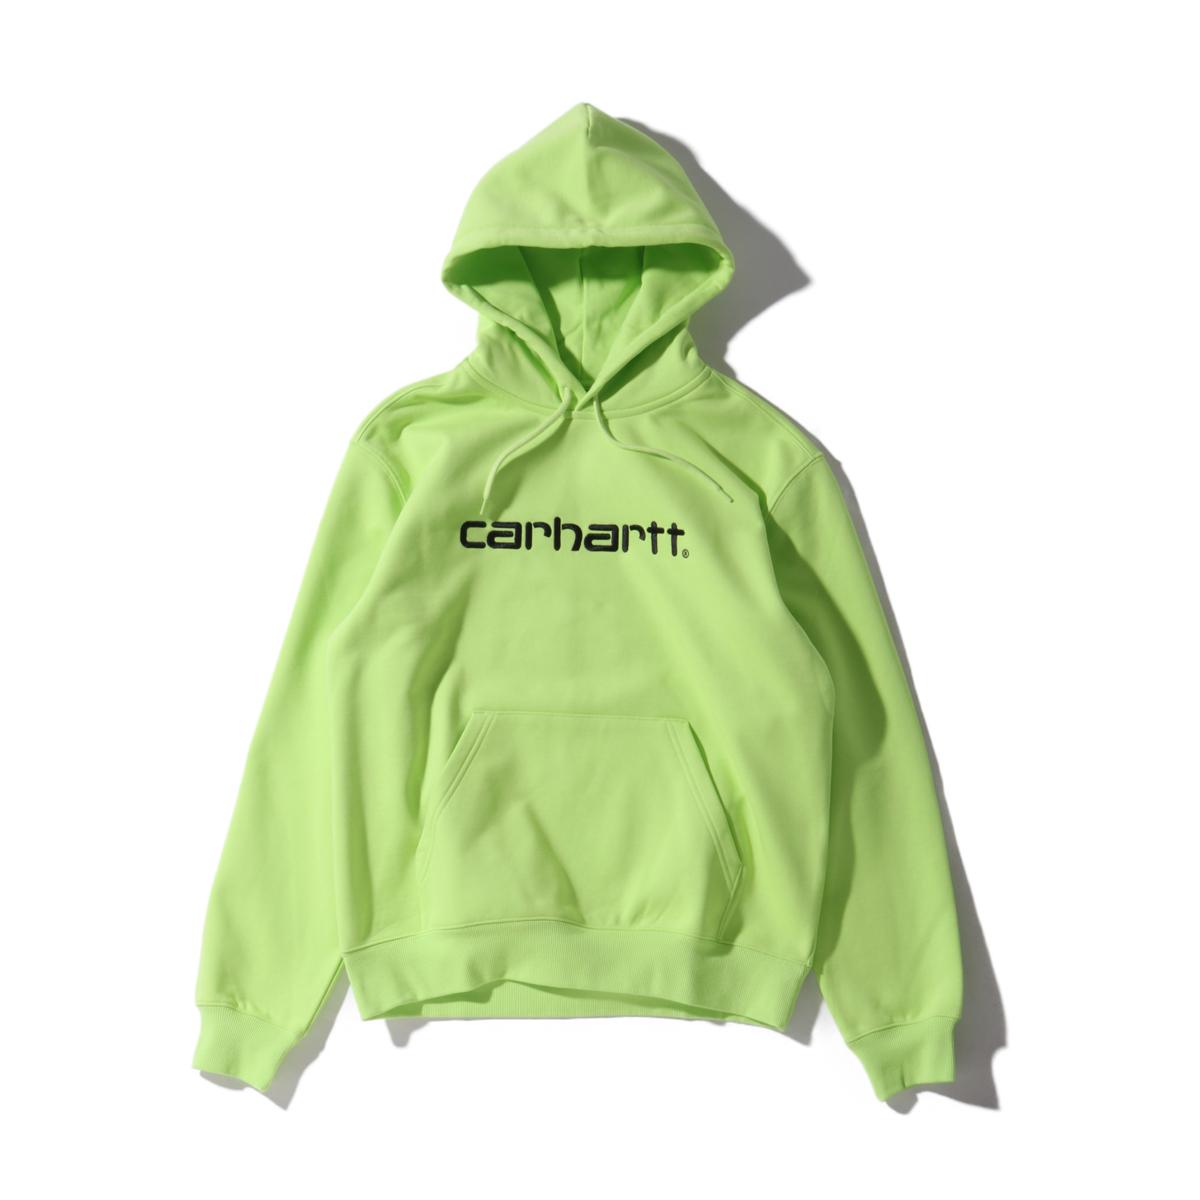 CARHARTT HOODED CARHARTT SWEATSHIRT(カーハート フーデッド カーハート スウェット シャツ)LIME【メンズ スウェット】20SS-I